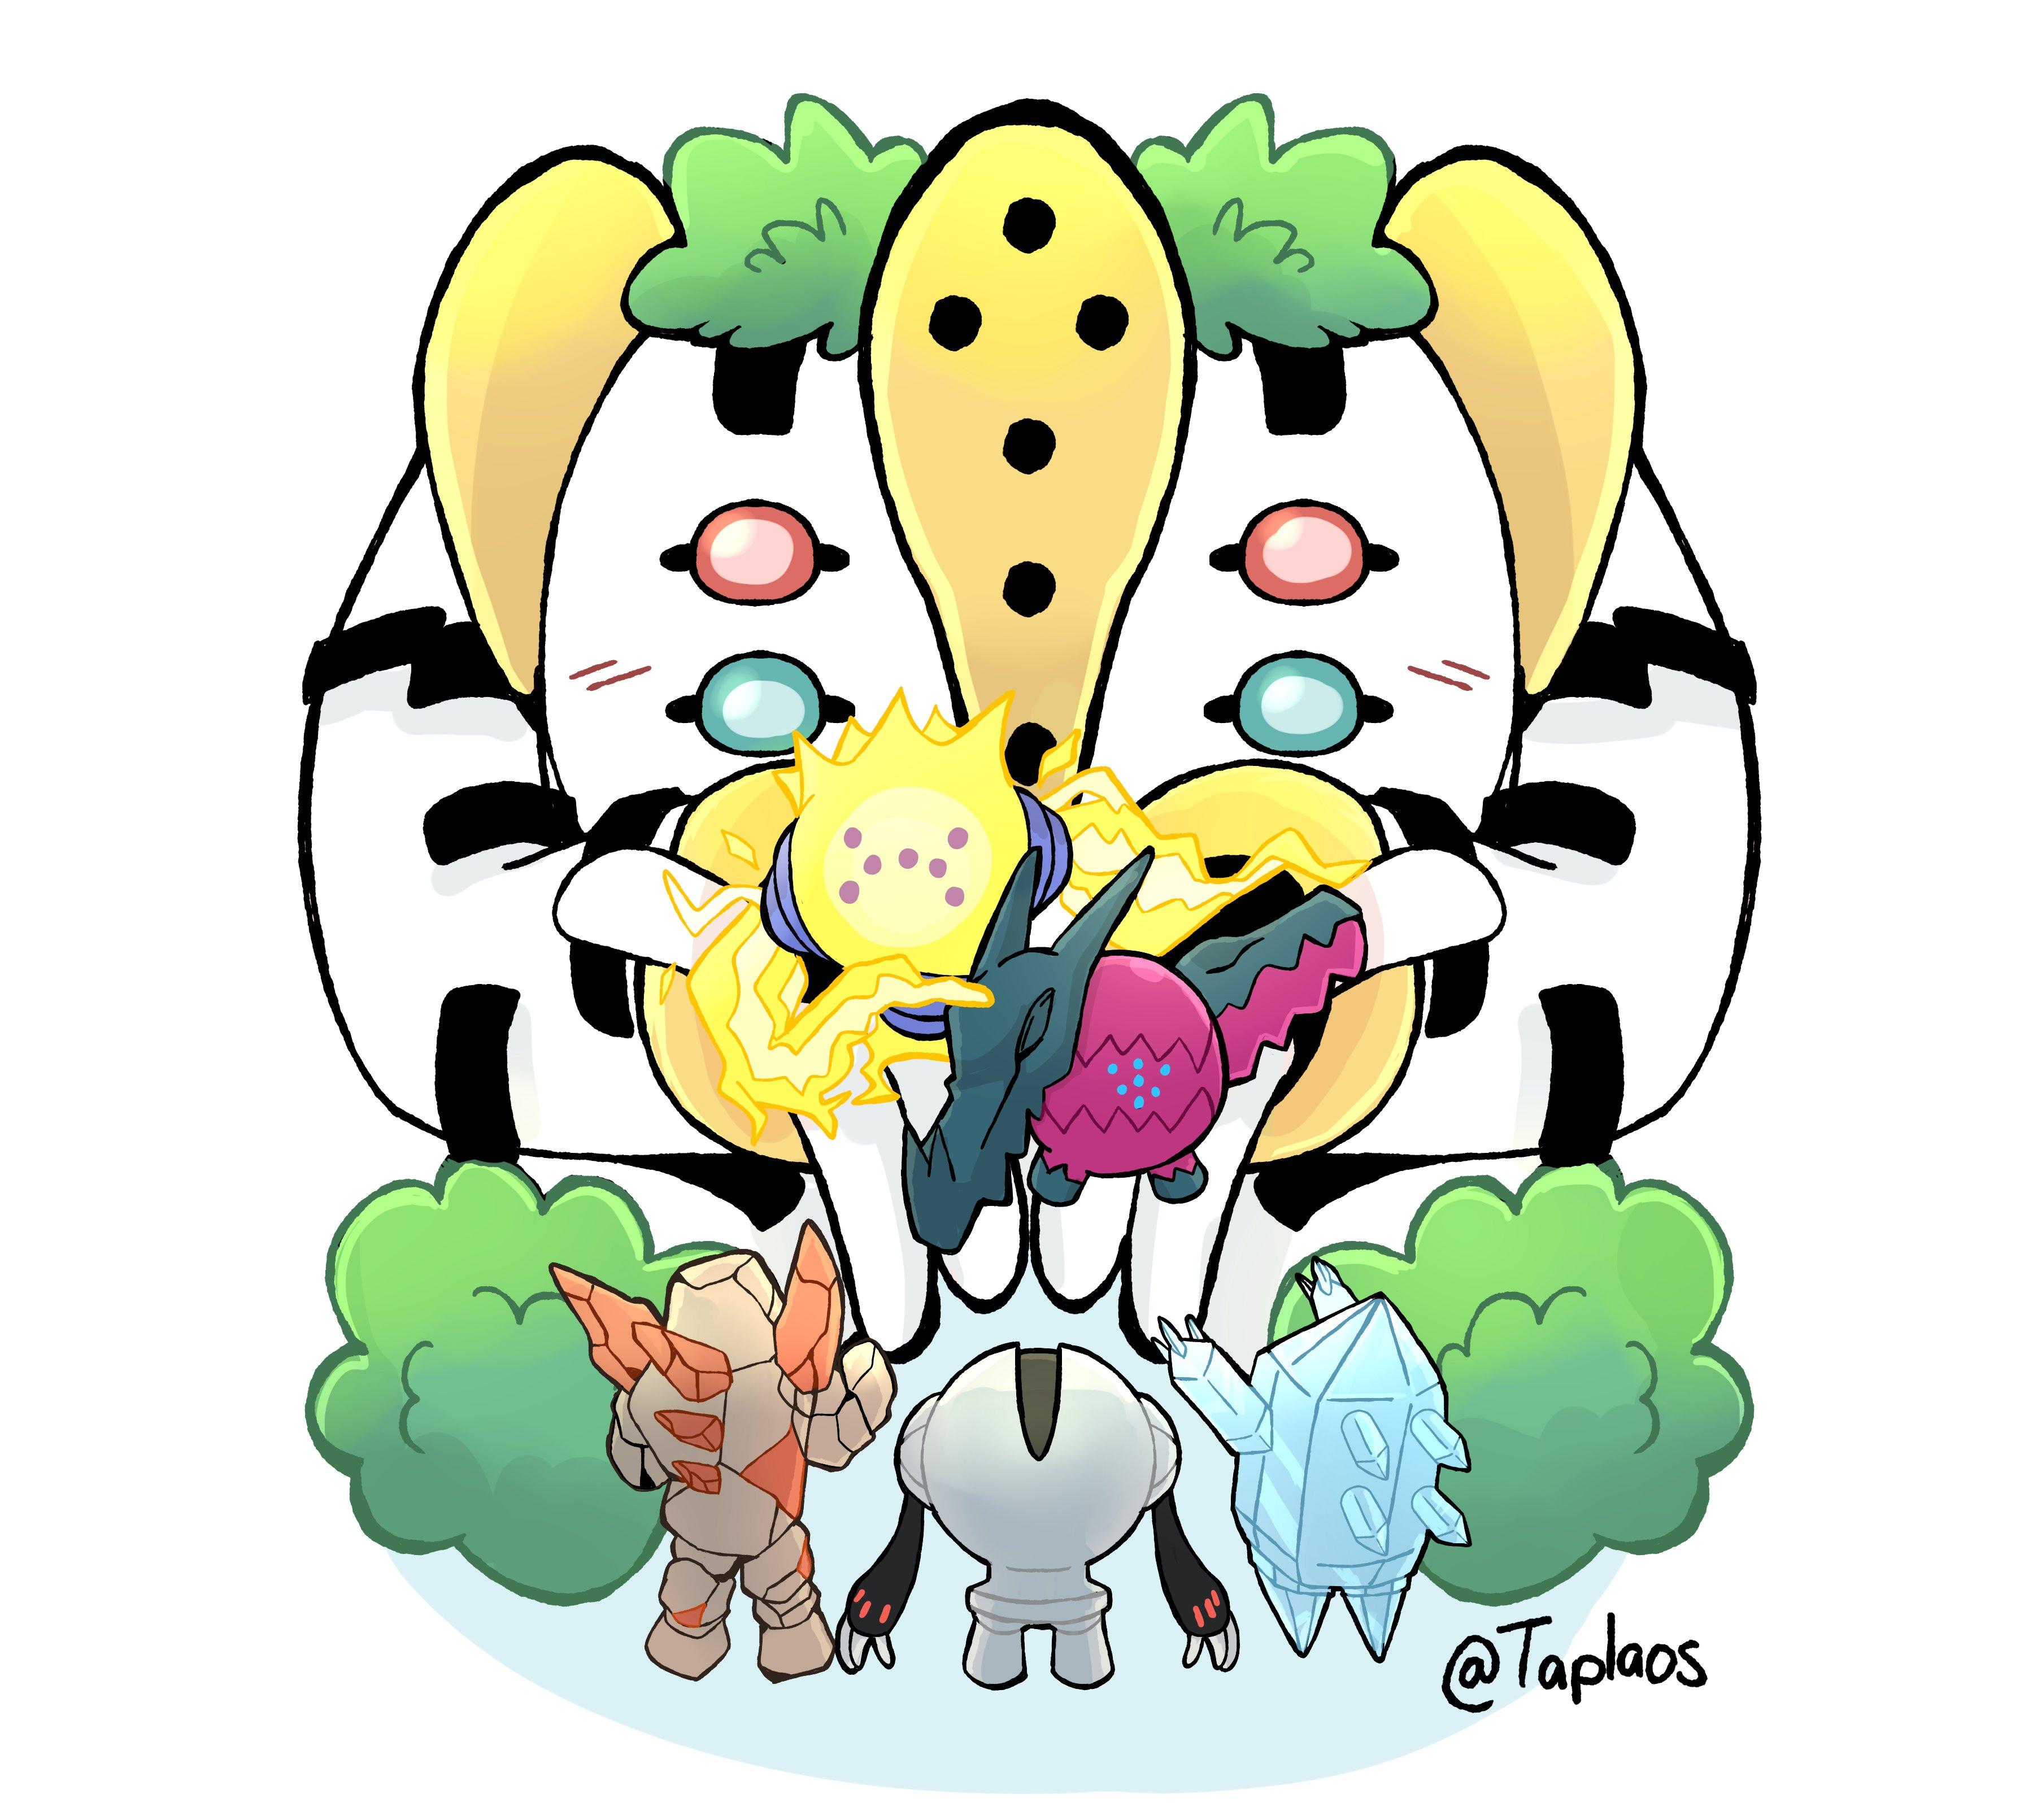 __registeel_regice_regirock_regigigas_regieleki_and_1_more_pokemon_drawn_by_taplaos__173722633d7dc7230db12c37eeb8f2f7.jpg